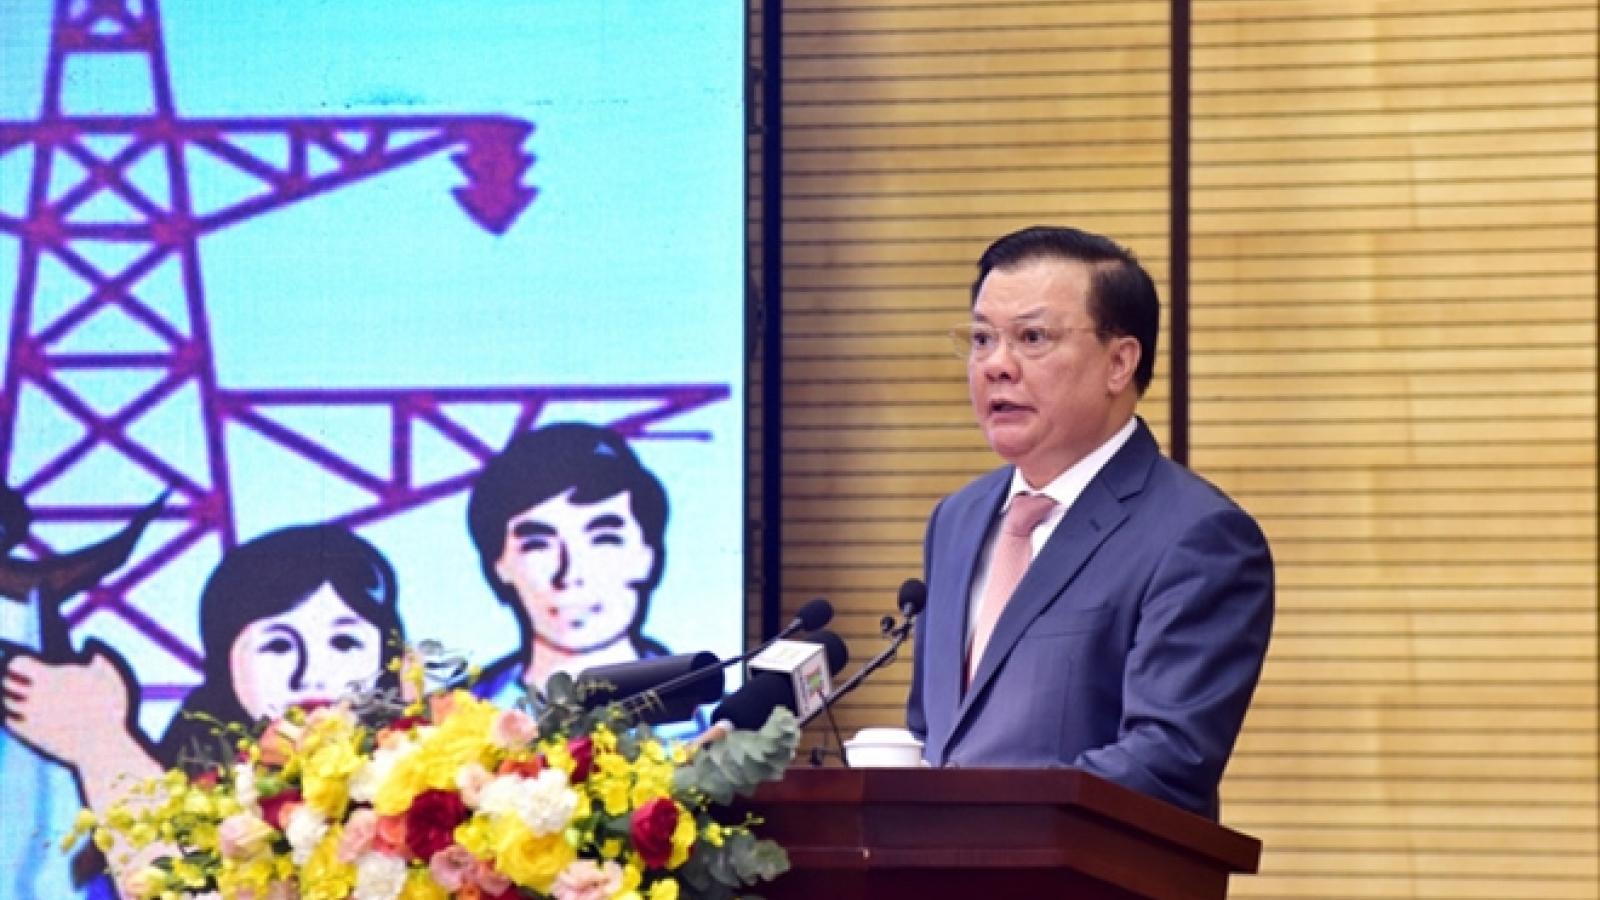 Bí thư Thành ủy Hà Nội: Sẽ quy hoạch đường vành đai 4